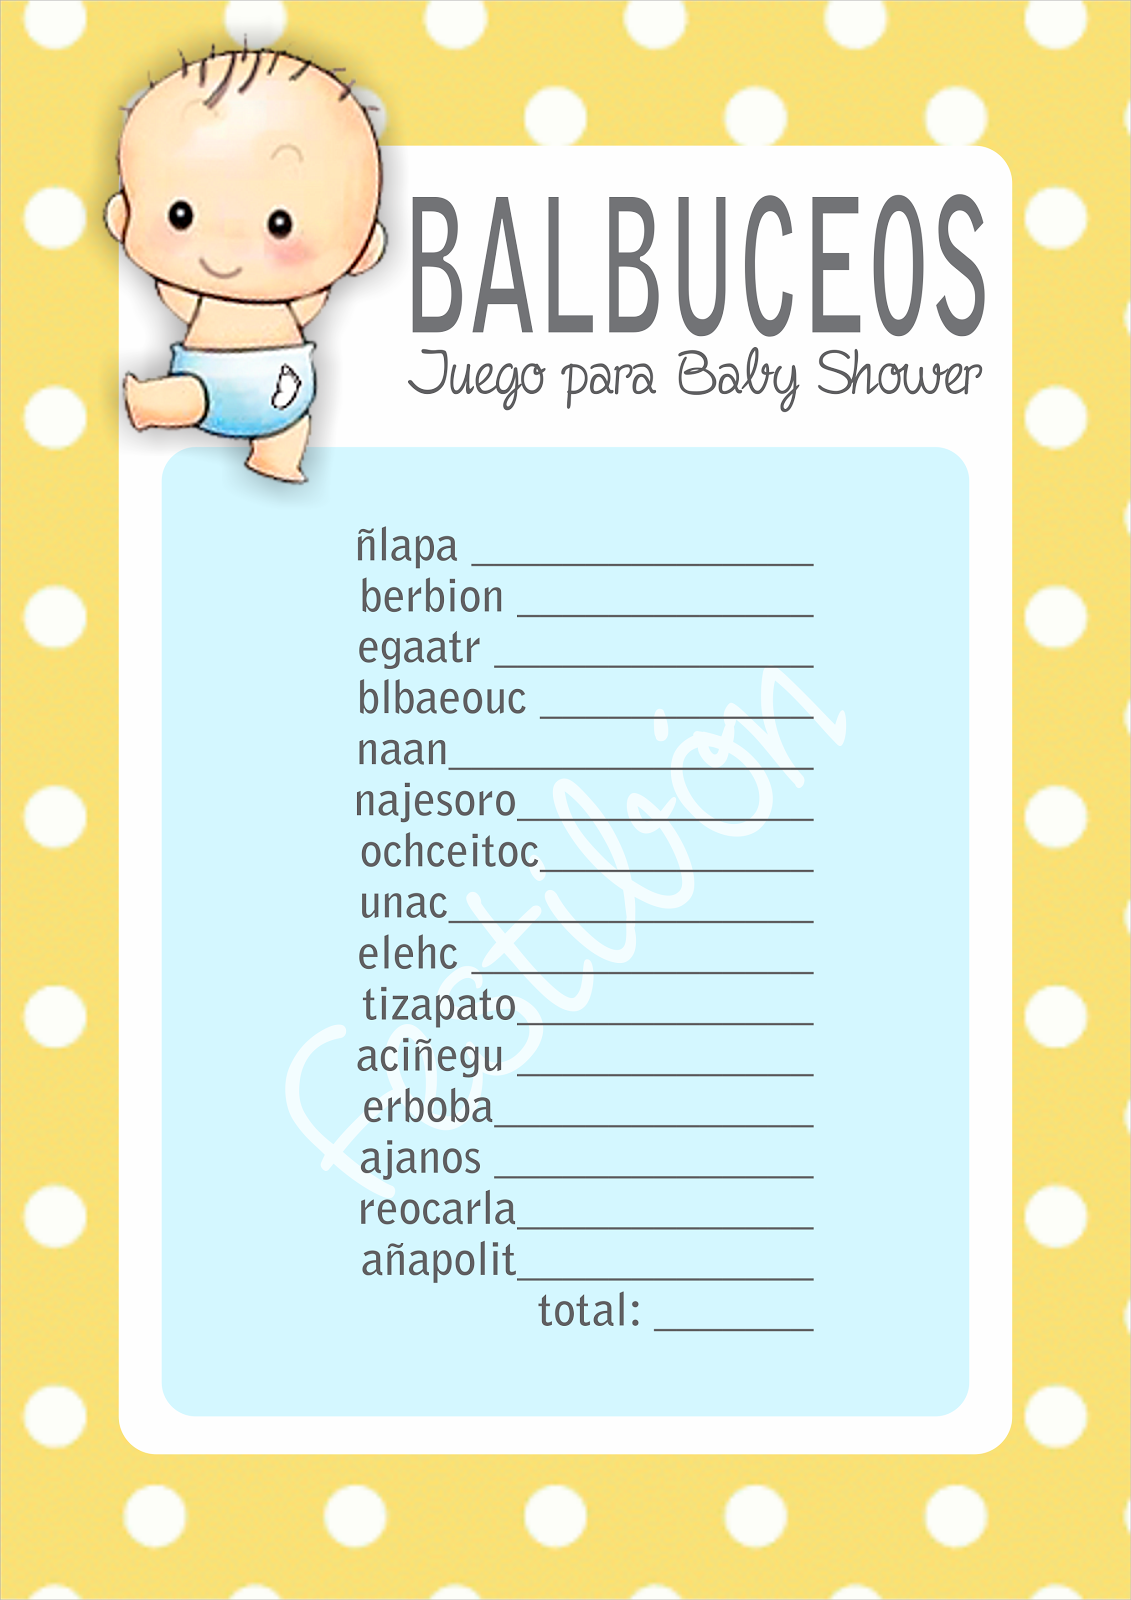 Descarga 16 Juegos Para Baby Shower Para Imprimir Gratis En Baby Shower Juegos Invitaciones Baby Shower Baby Shower Niña